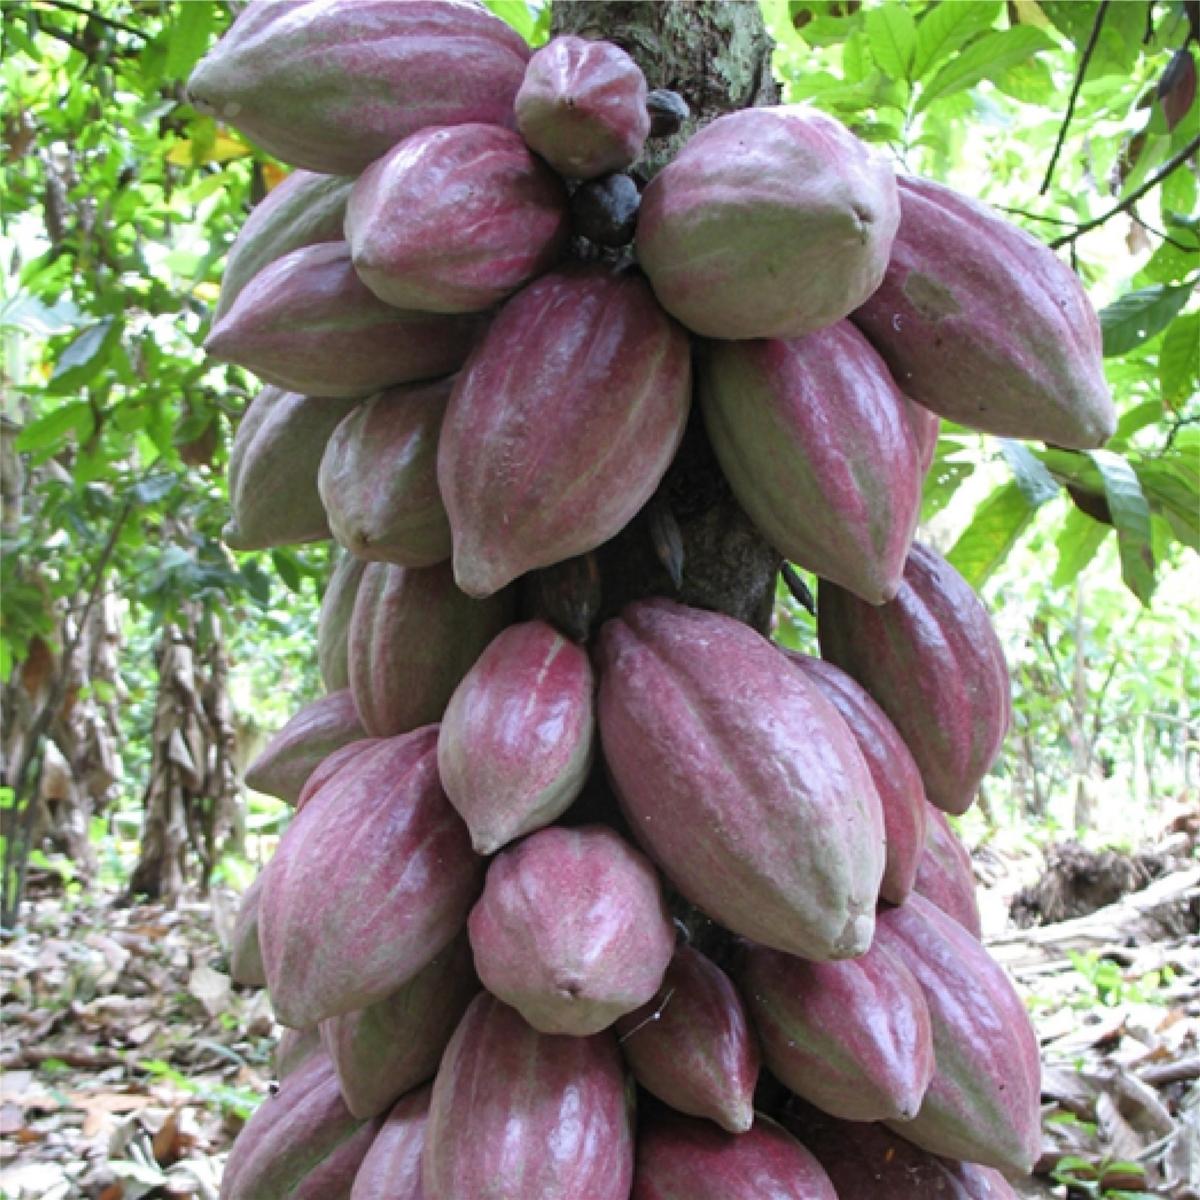 【海外ニュース】世界的穀物商社のカーギル、垂直農法のリーダー企業・米エアロファームズと提携。カカオ生産の研究に取り組む